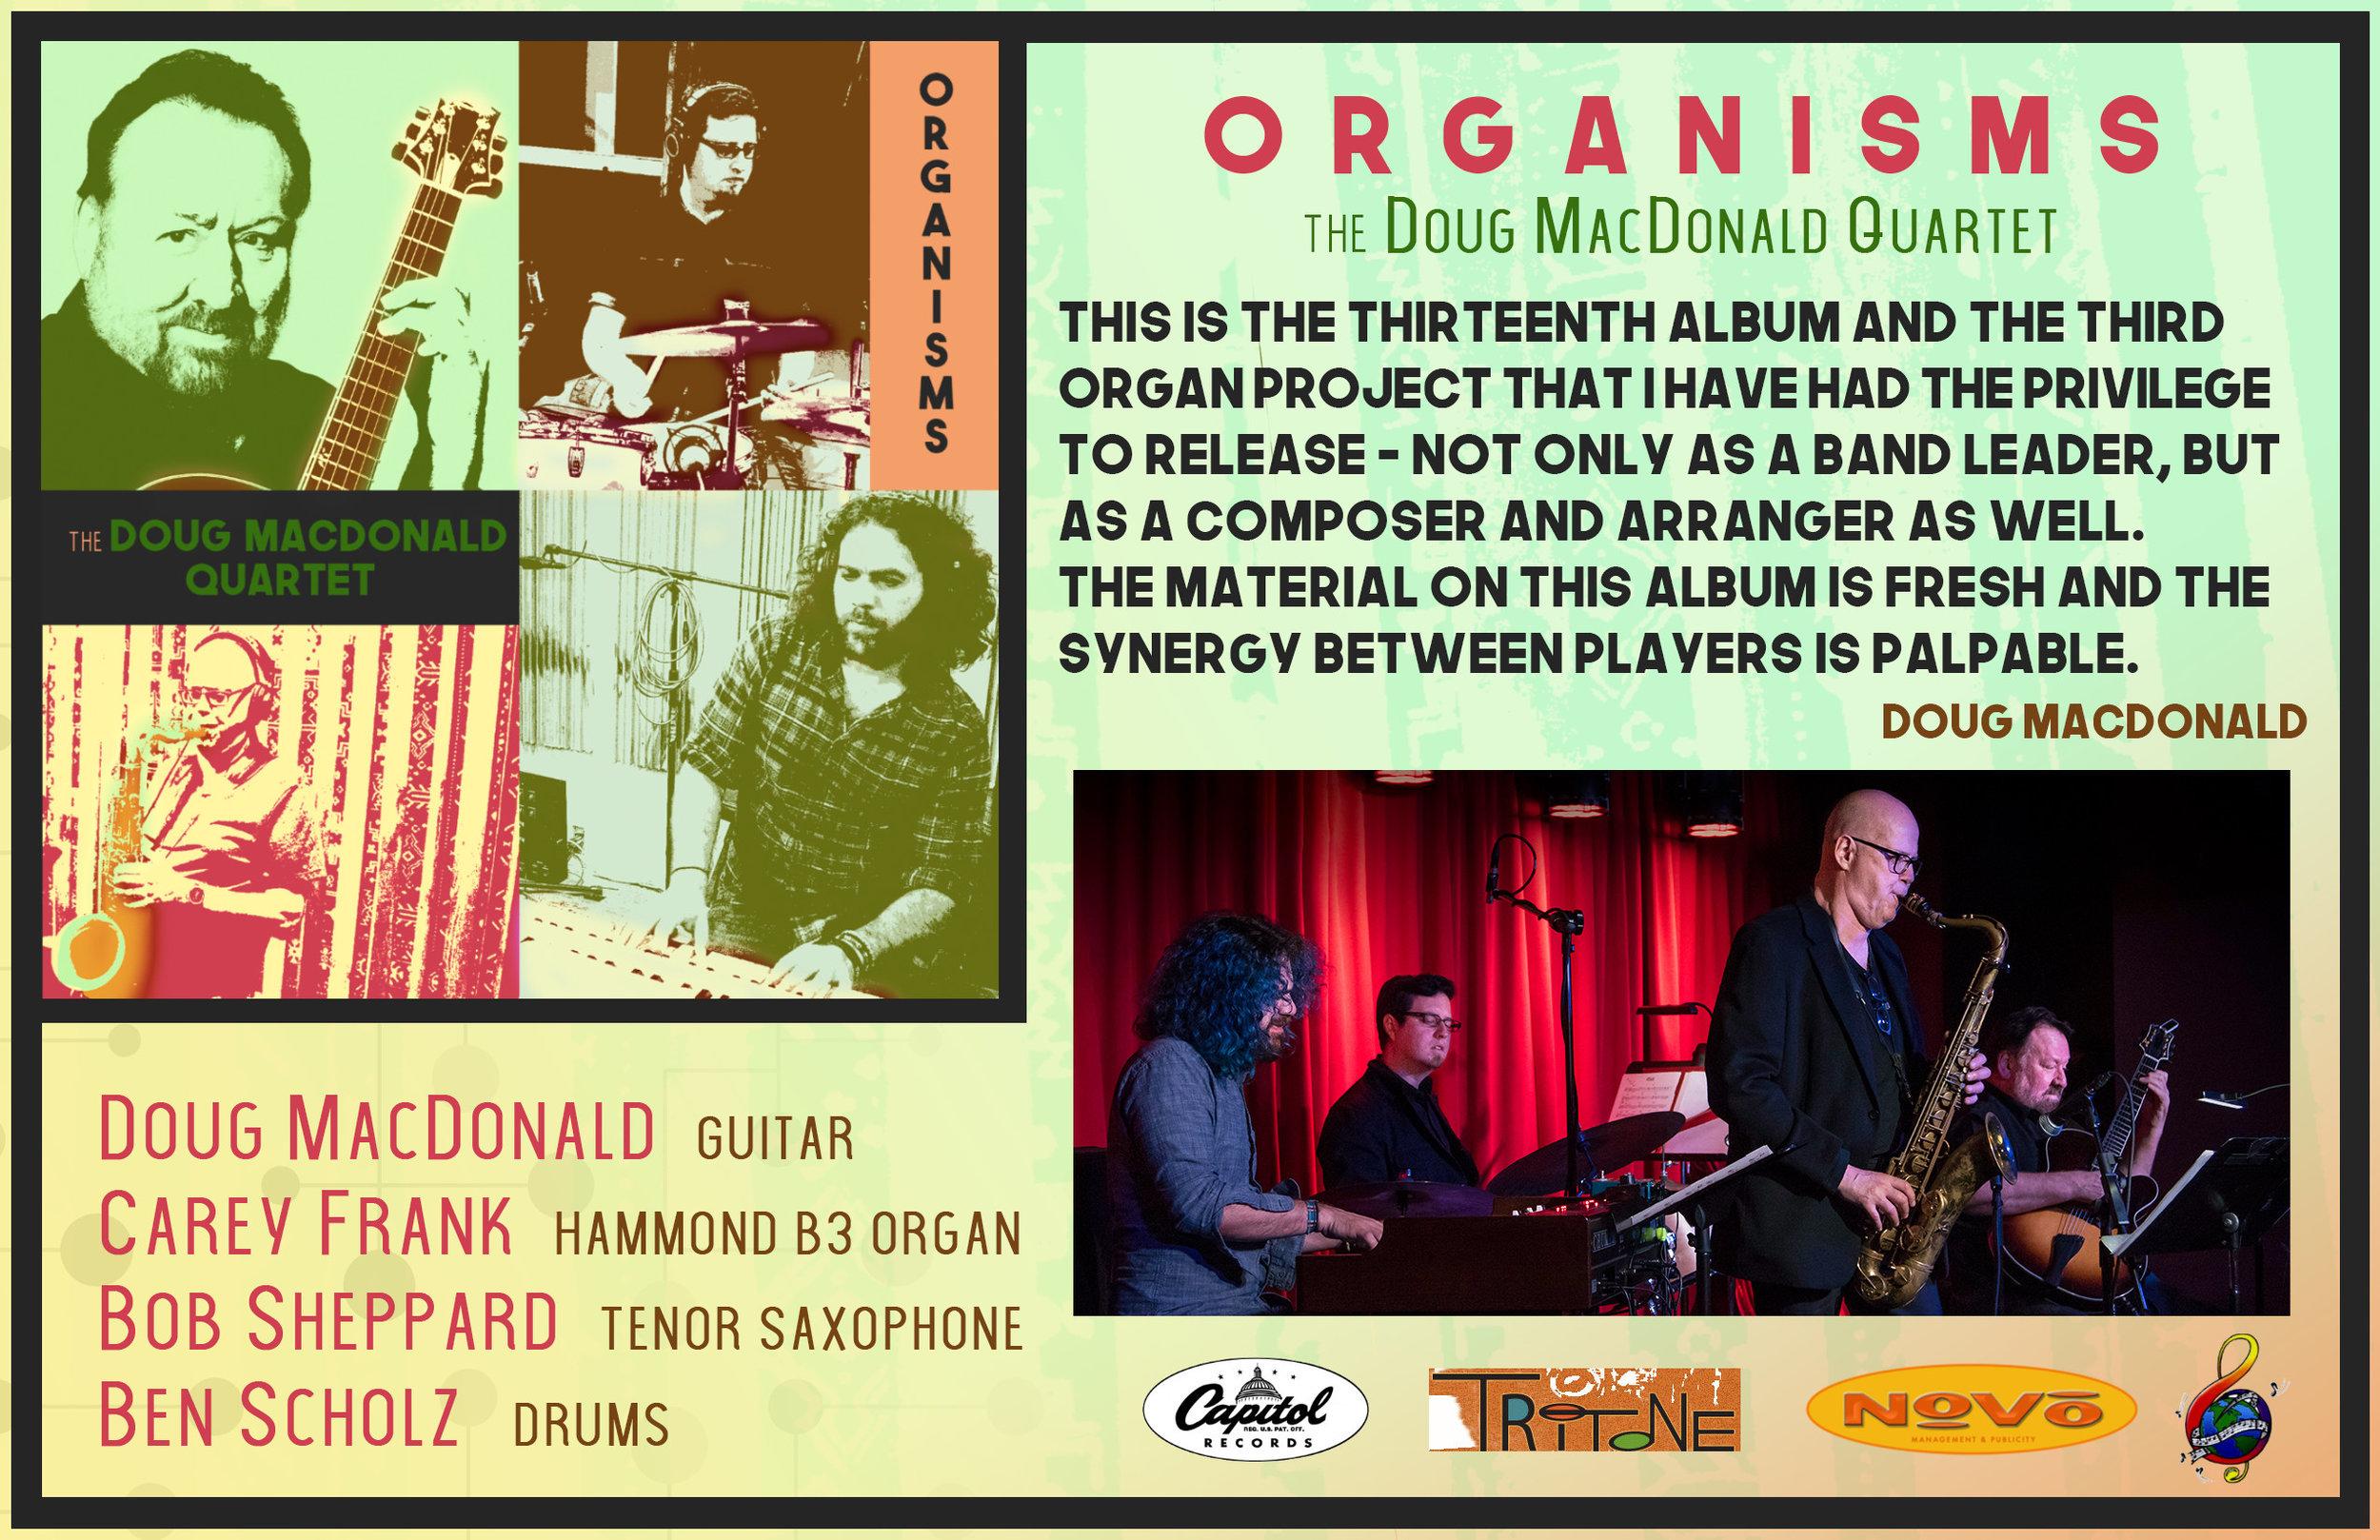 Banner_Doug MacDonald_Organisms.jpg